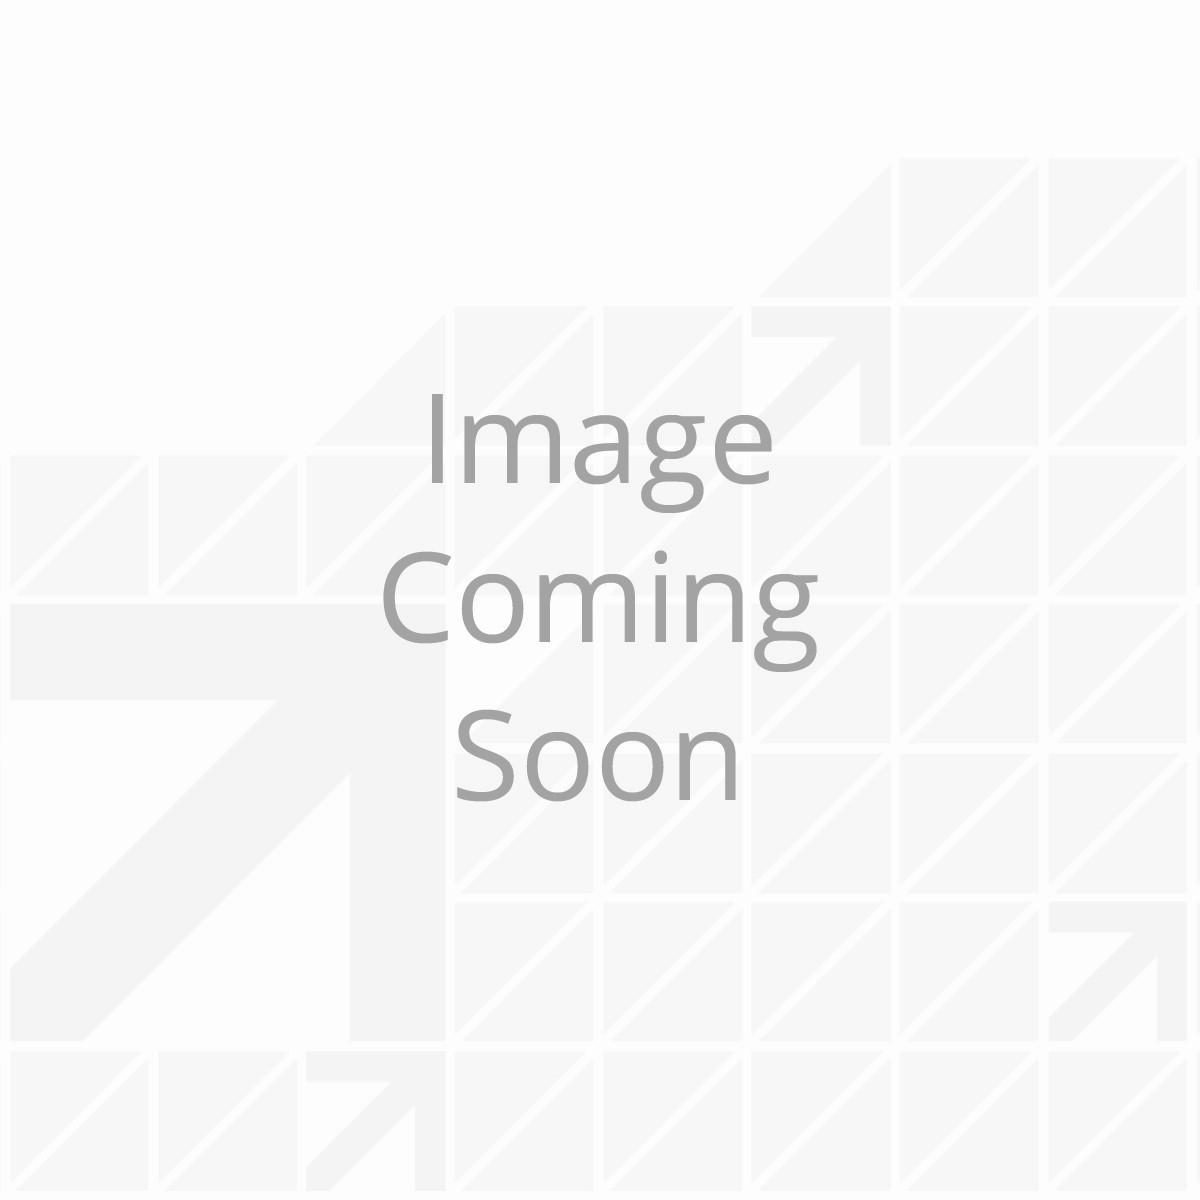 klauber-motor-3-4-drive-j500